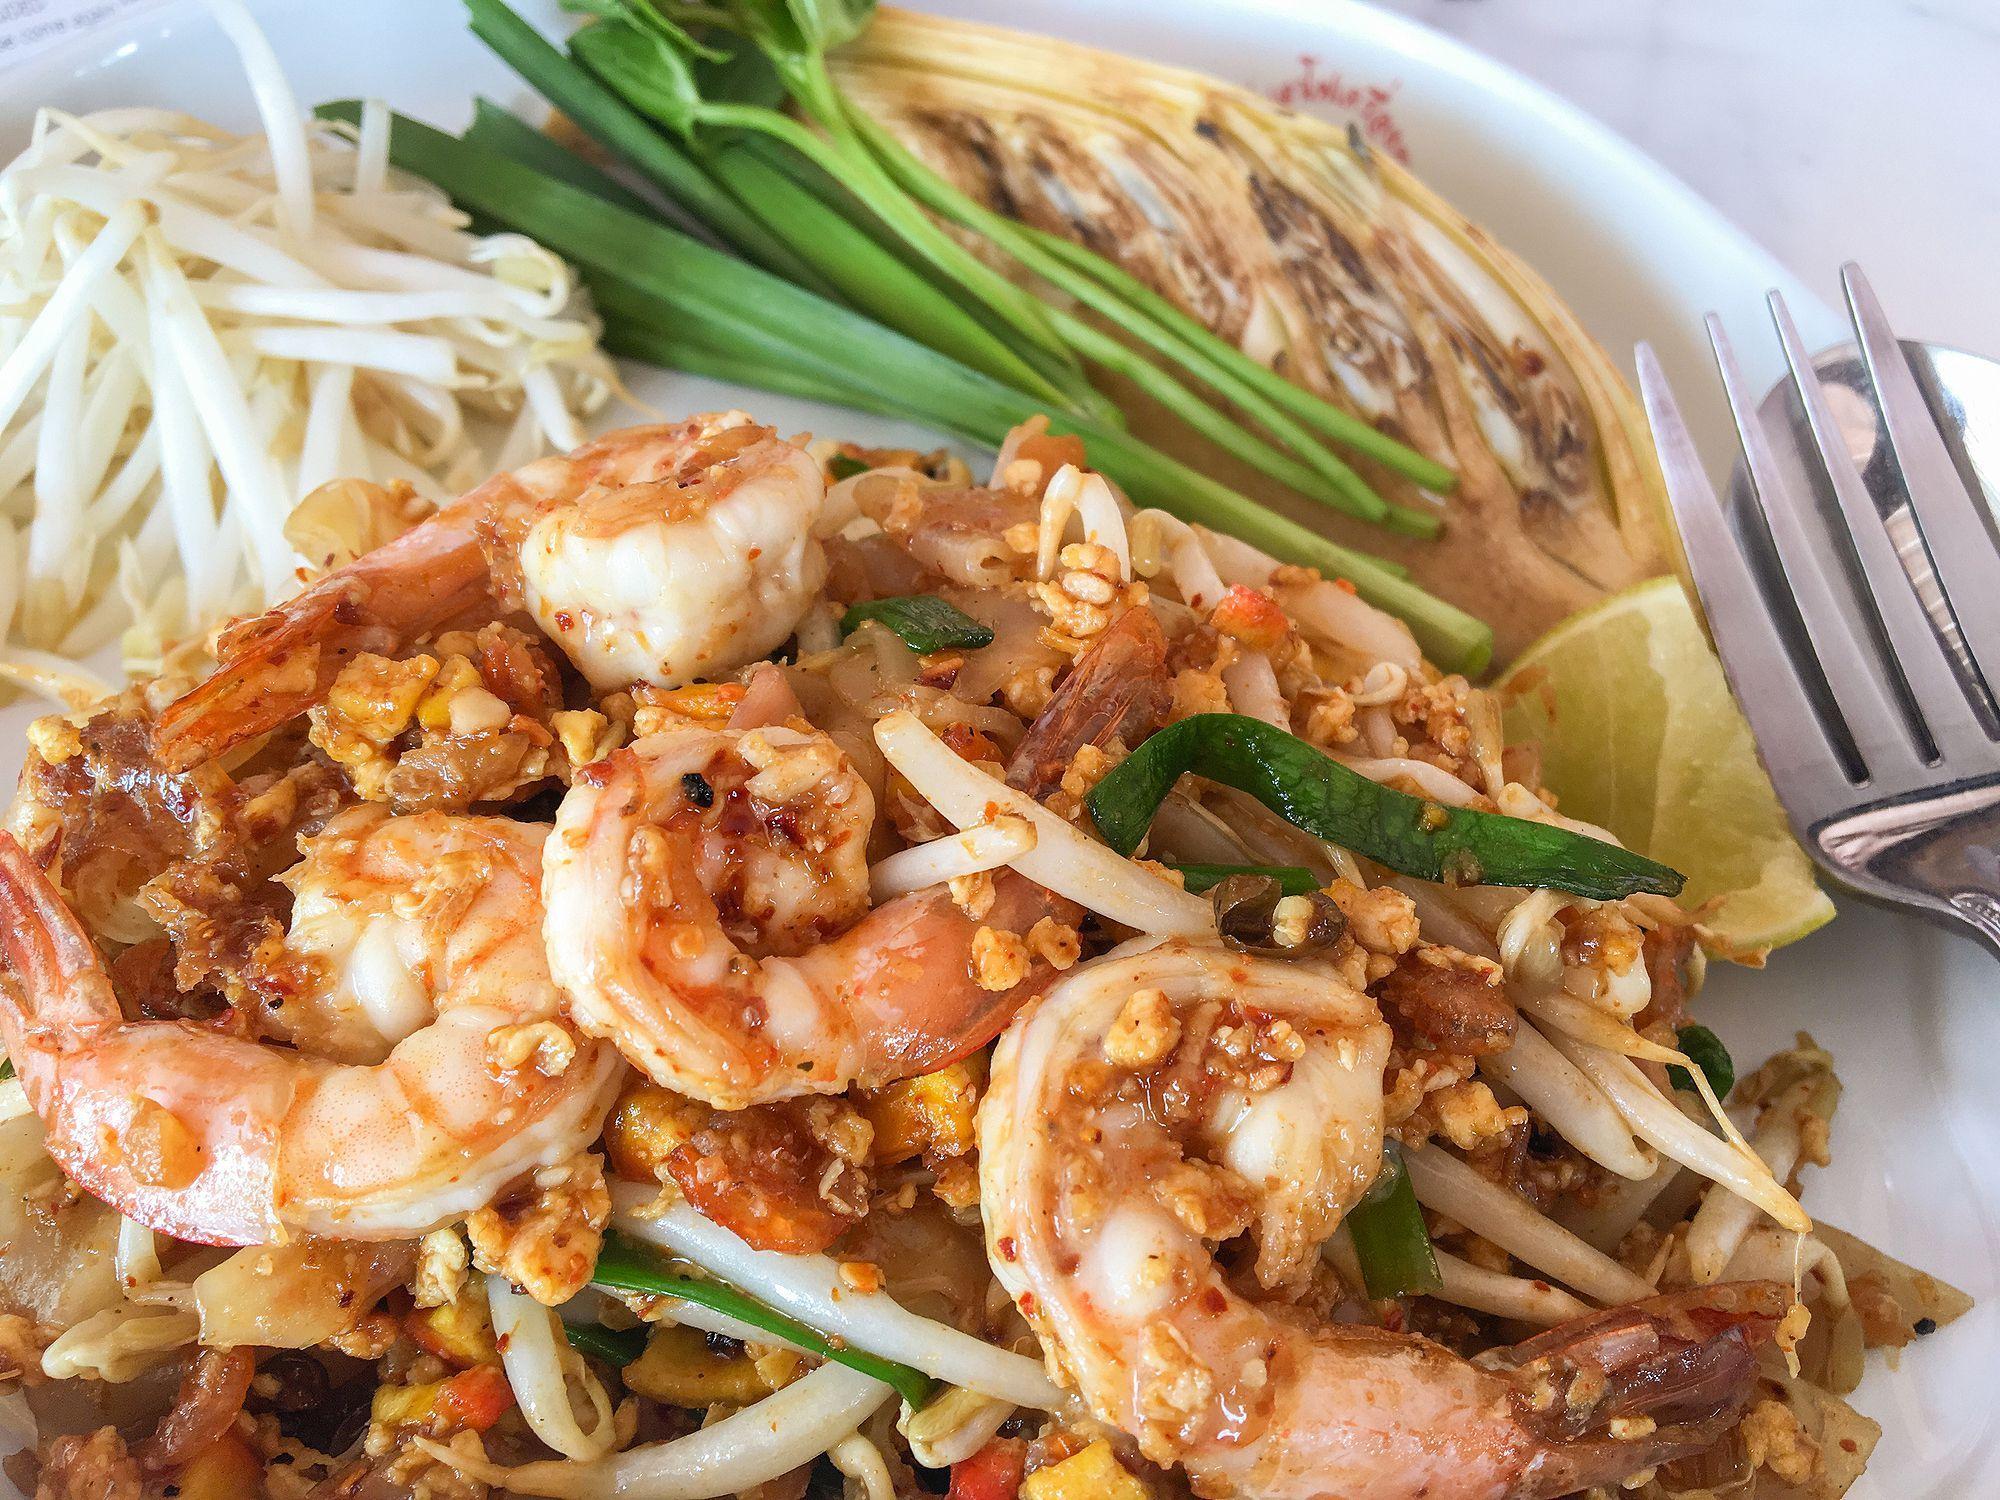 Pad thai sauce recipe pad thai sauce thai sauce and tamarind pad thai sauce pad thai recipesasian food forumfinder Images